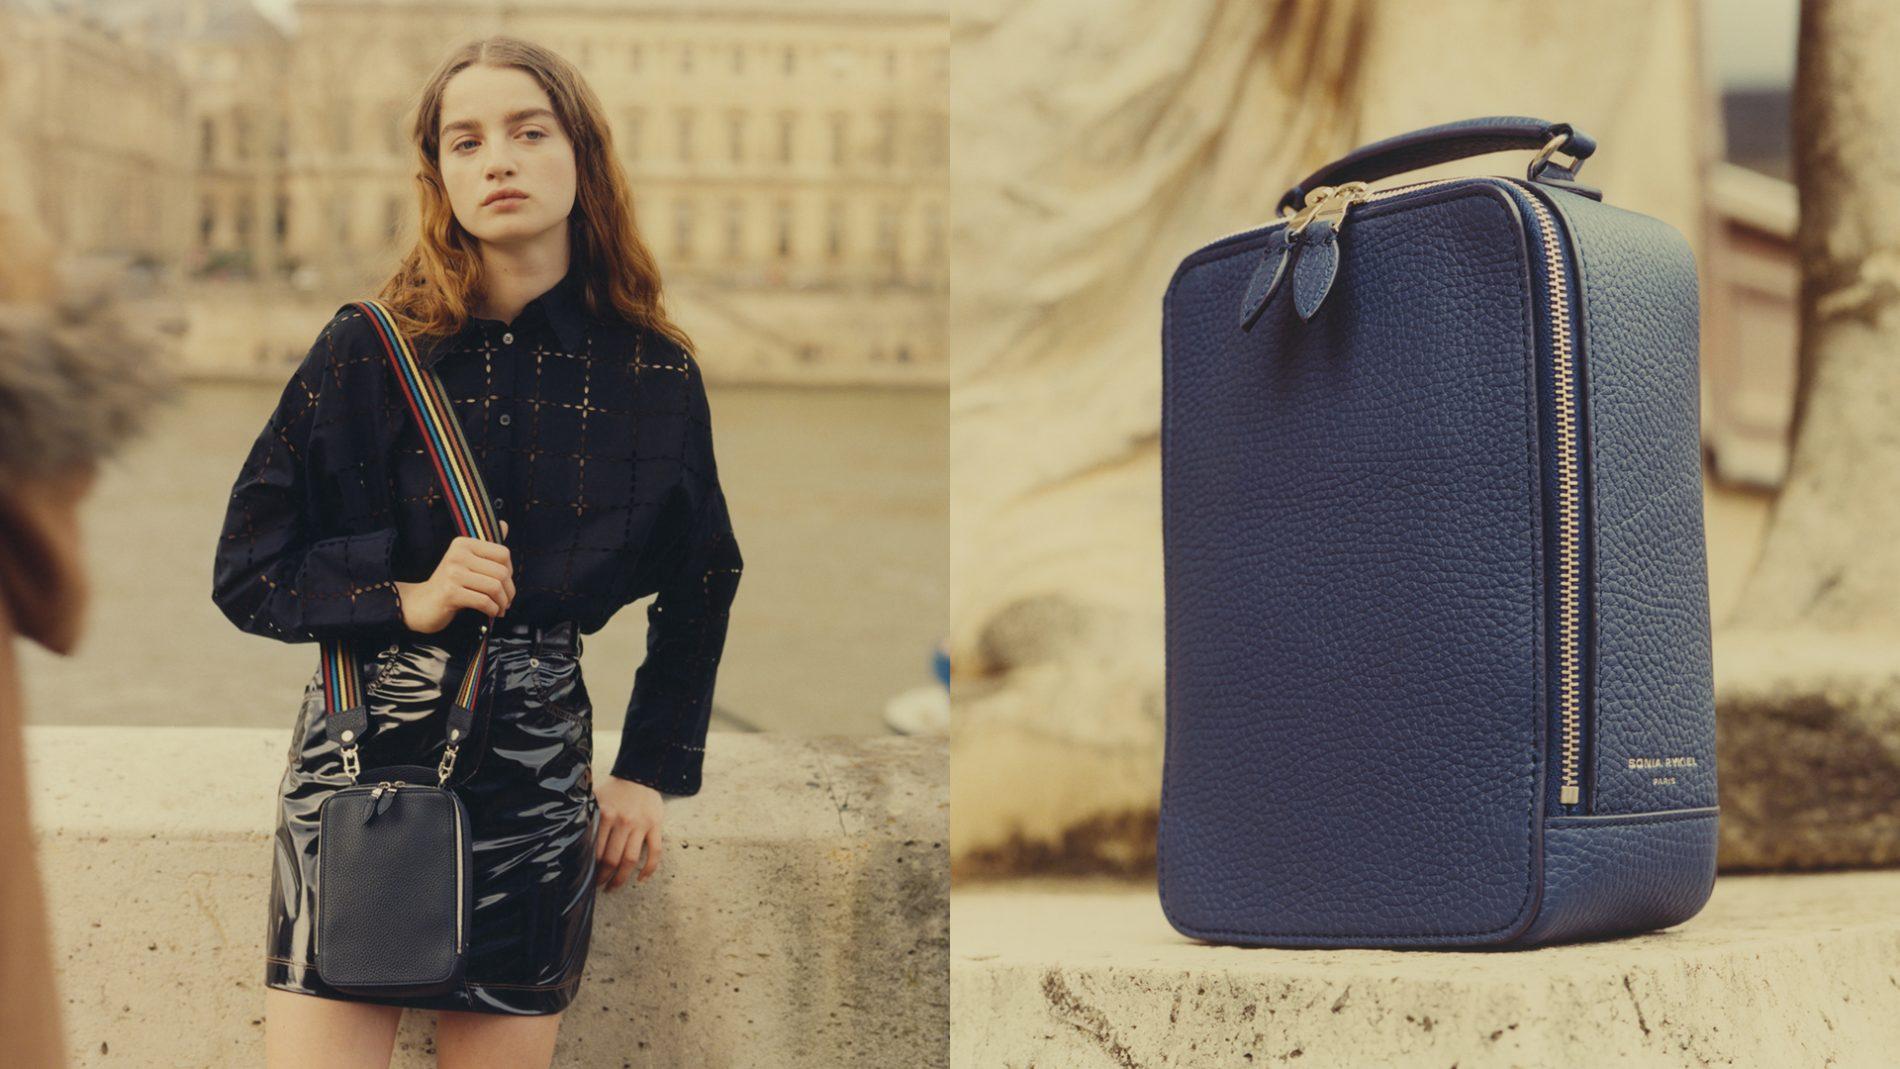 El Corte Inglés Designer Handbags Sonia Rykiel